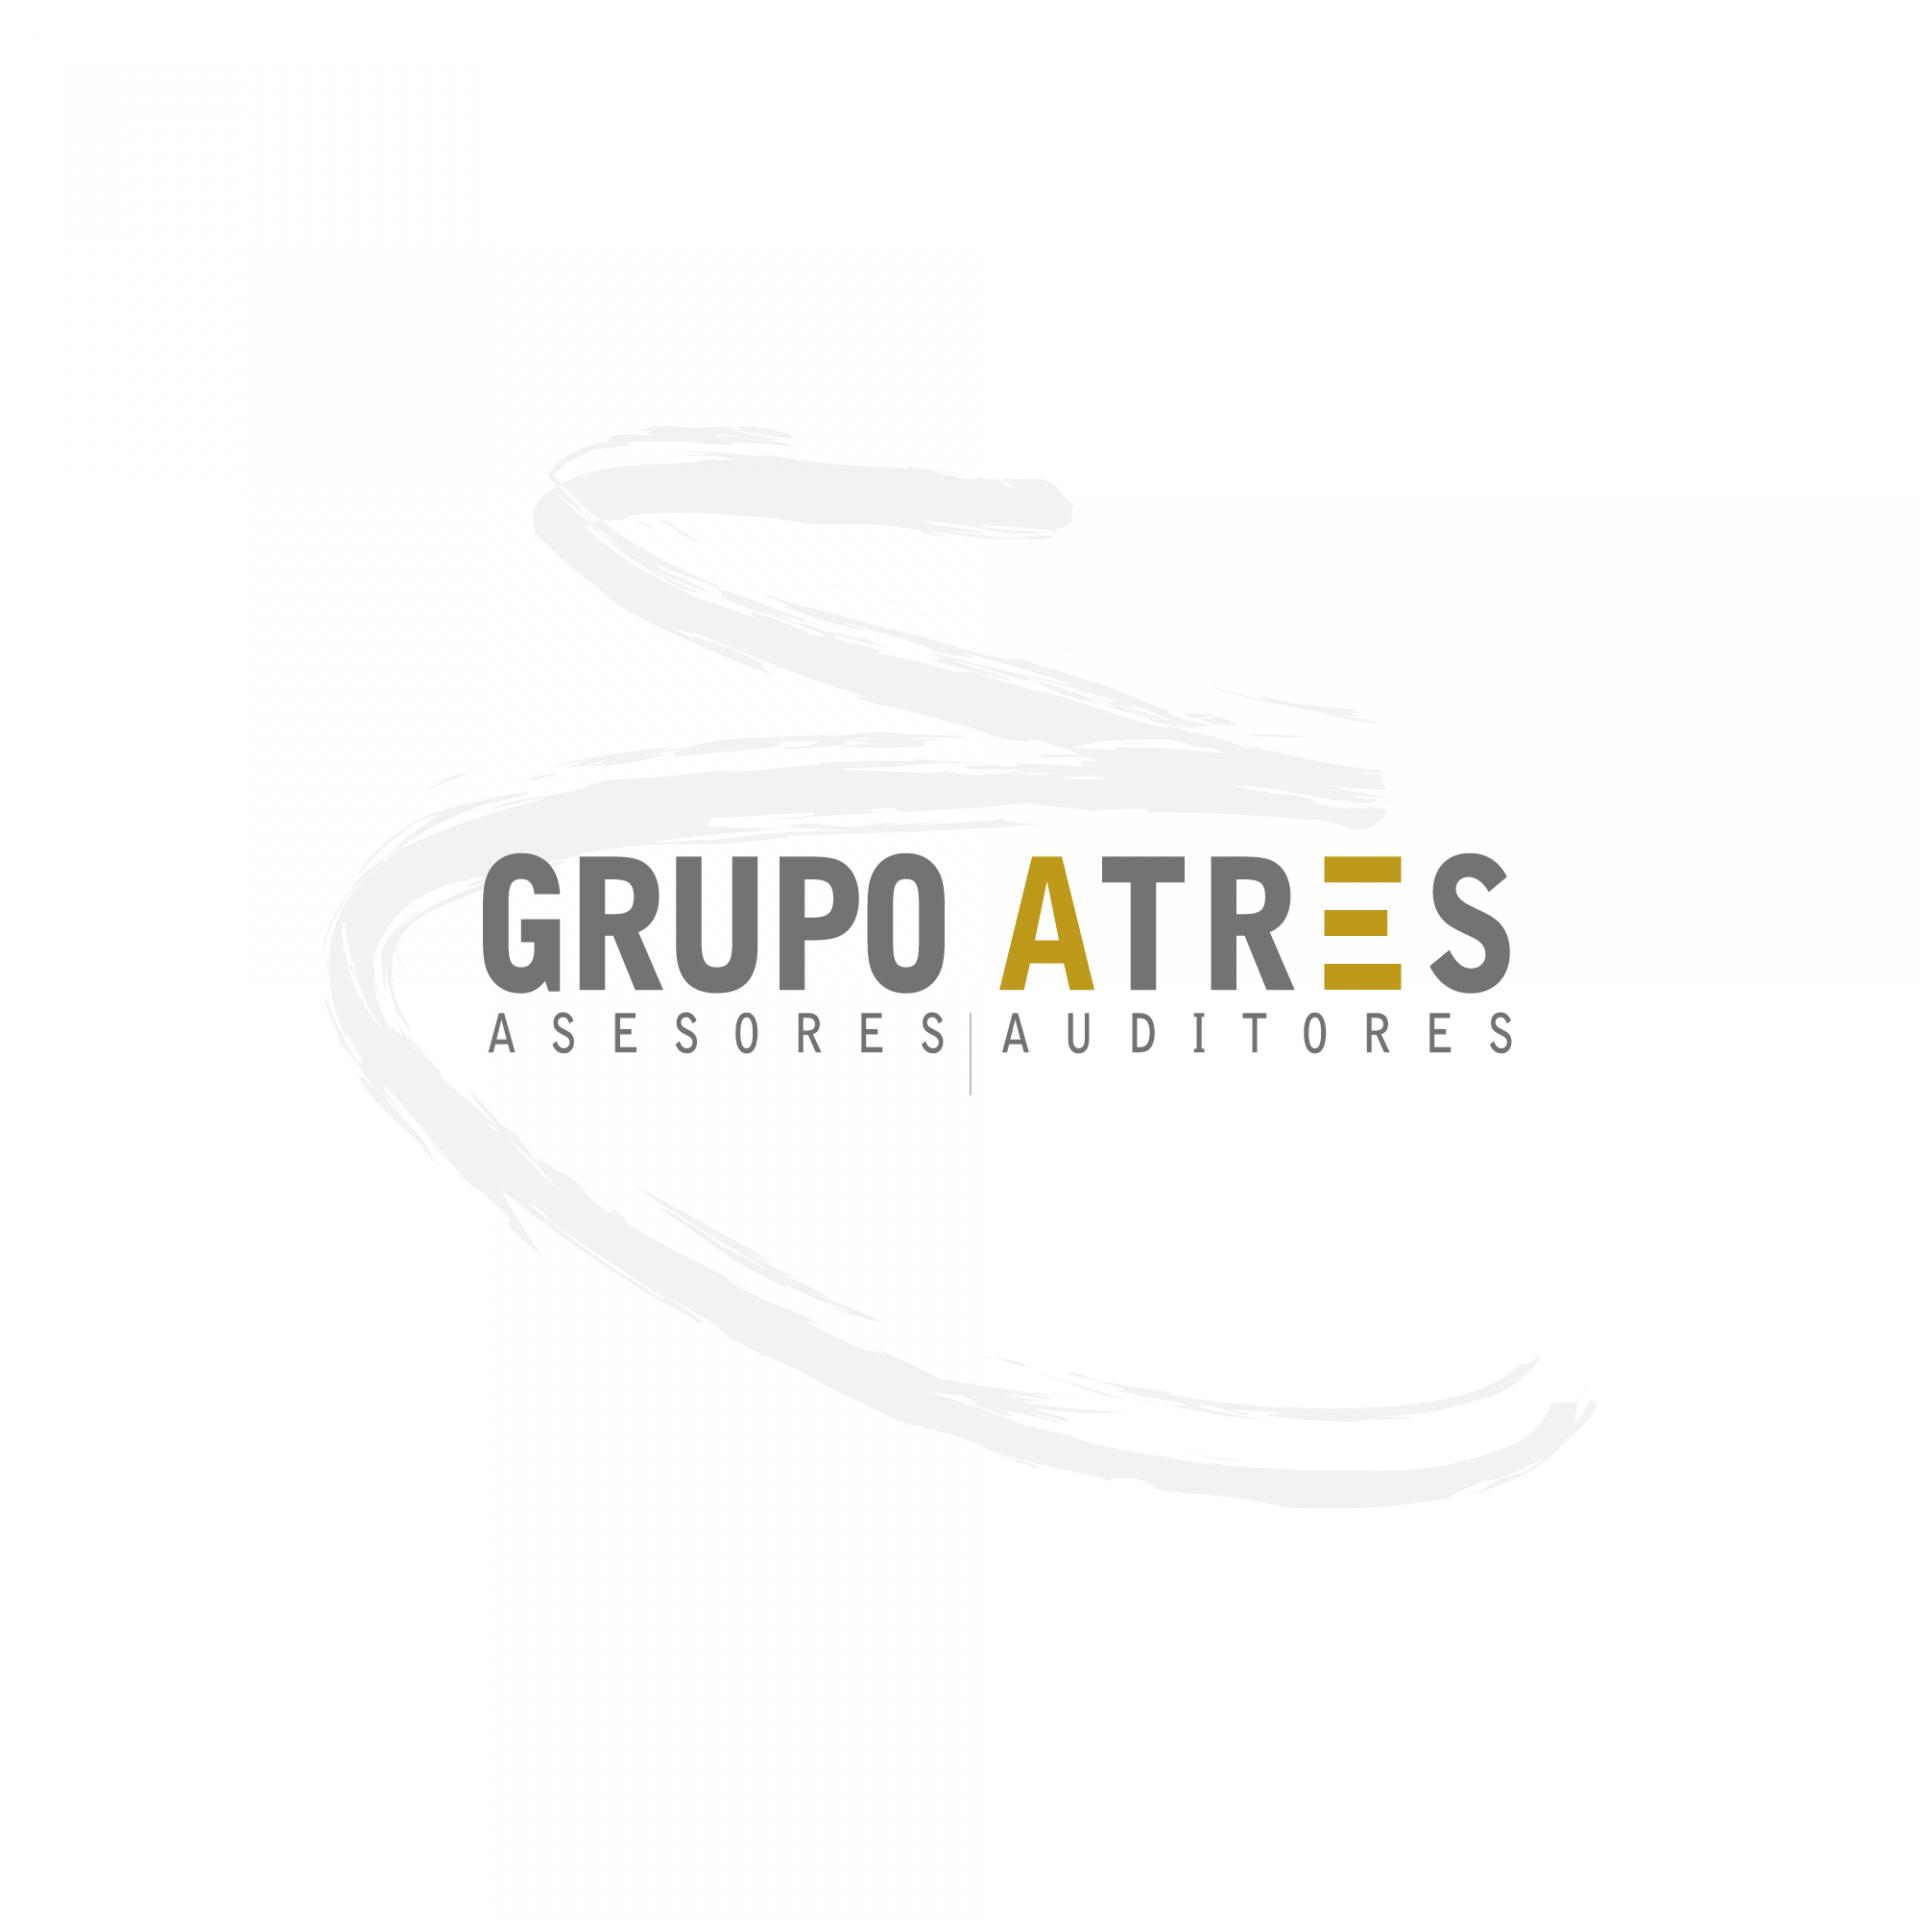 Grupo Atres